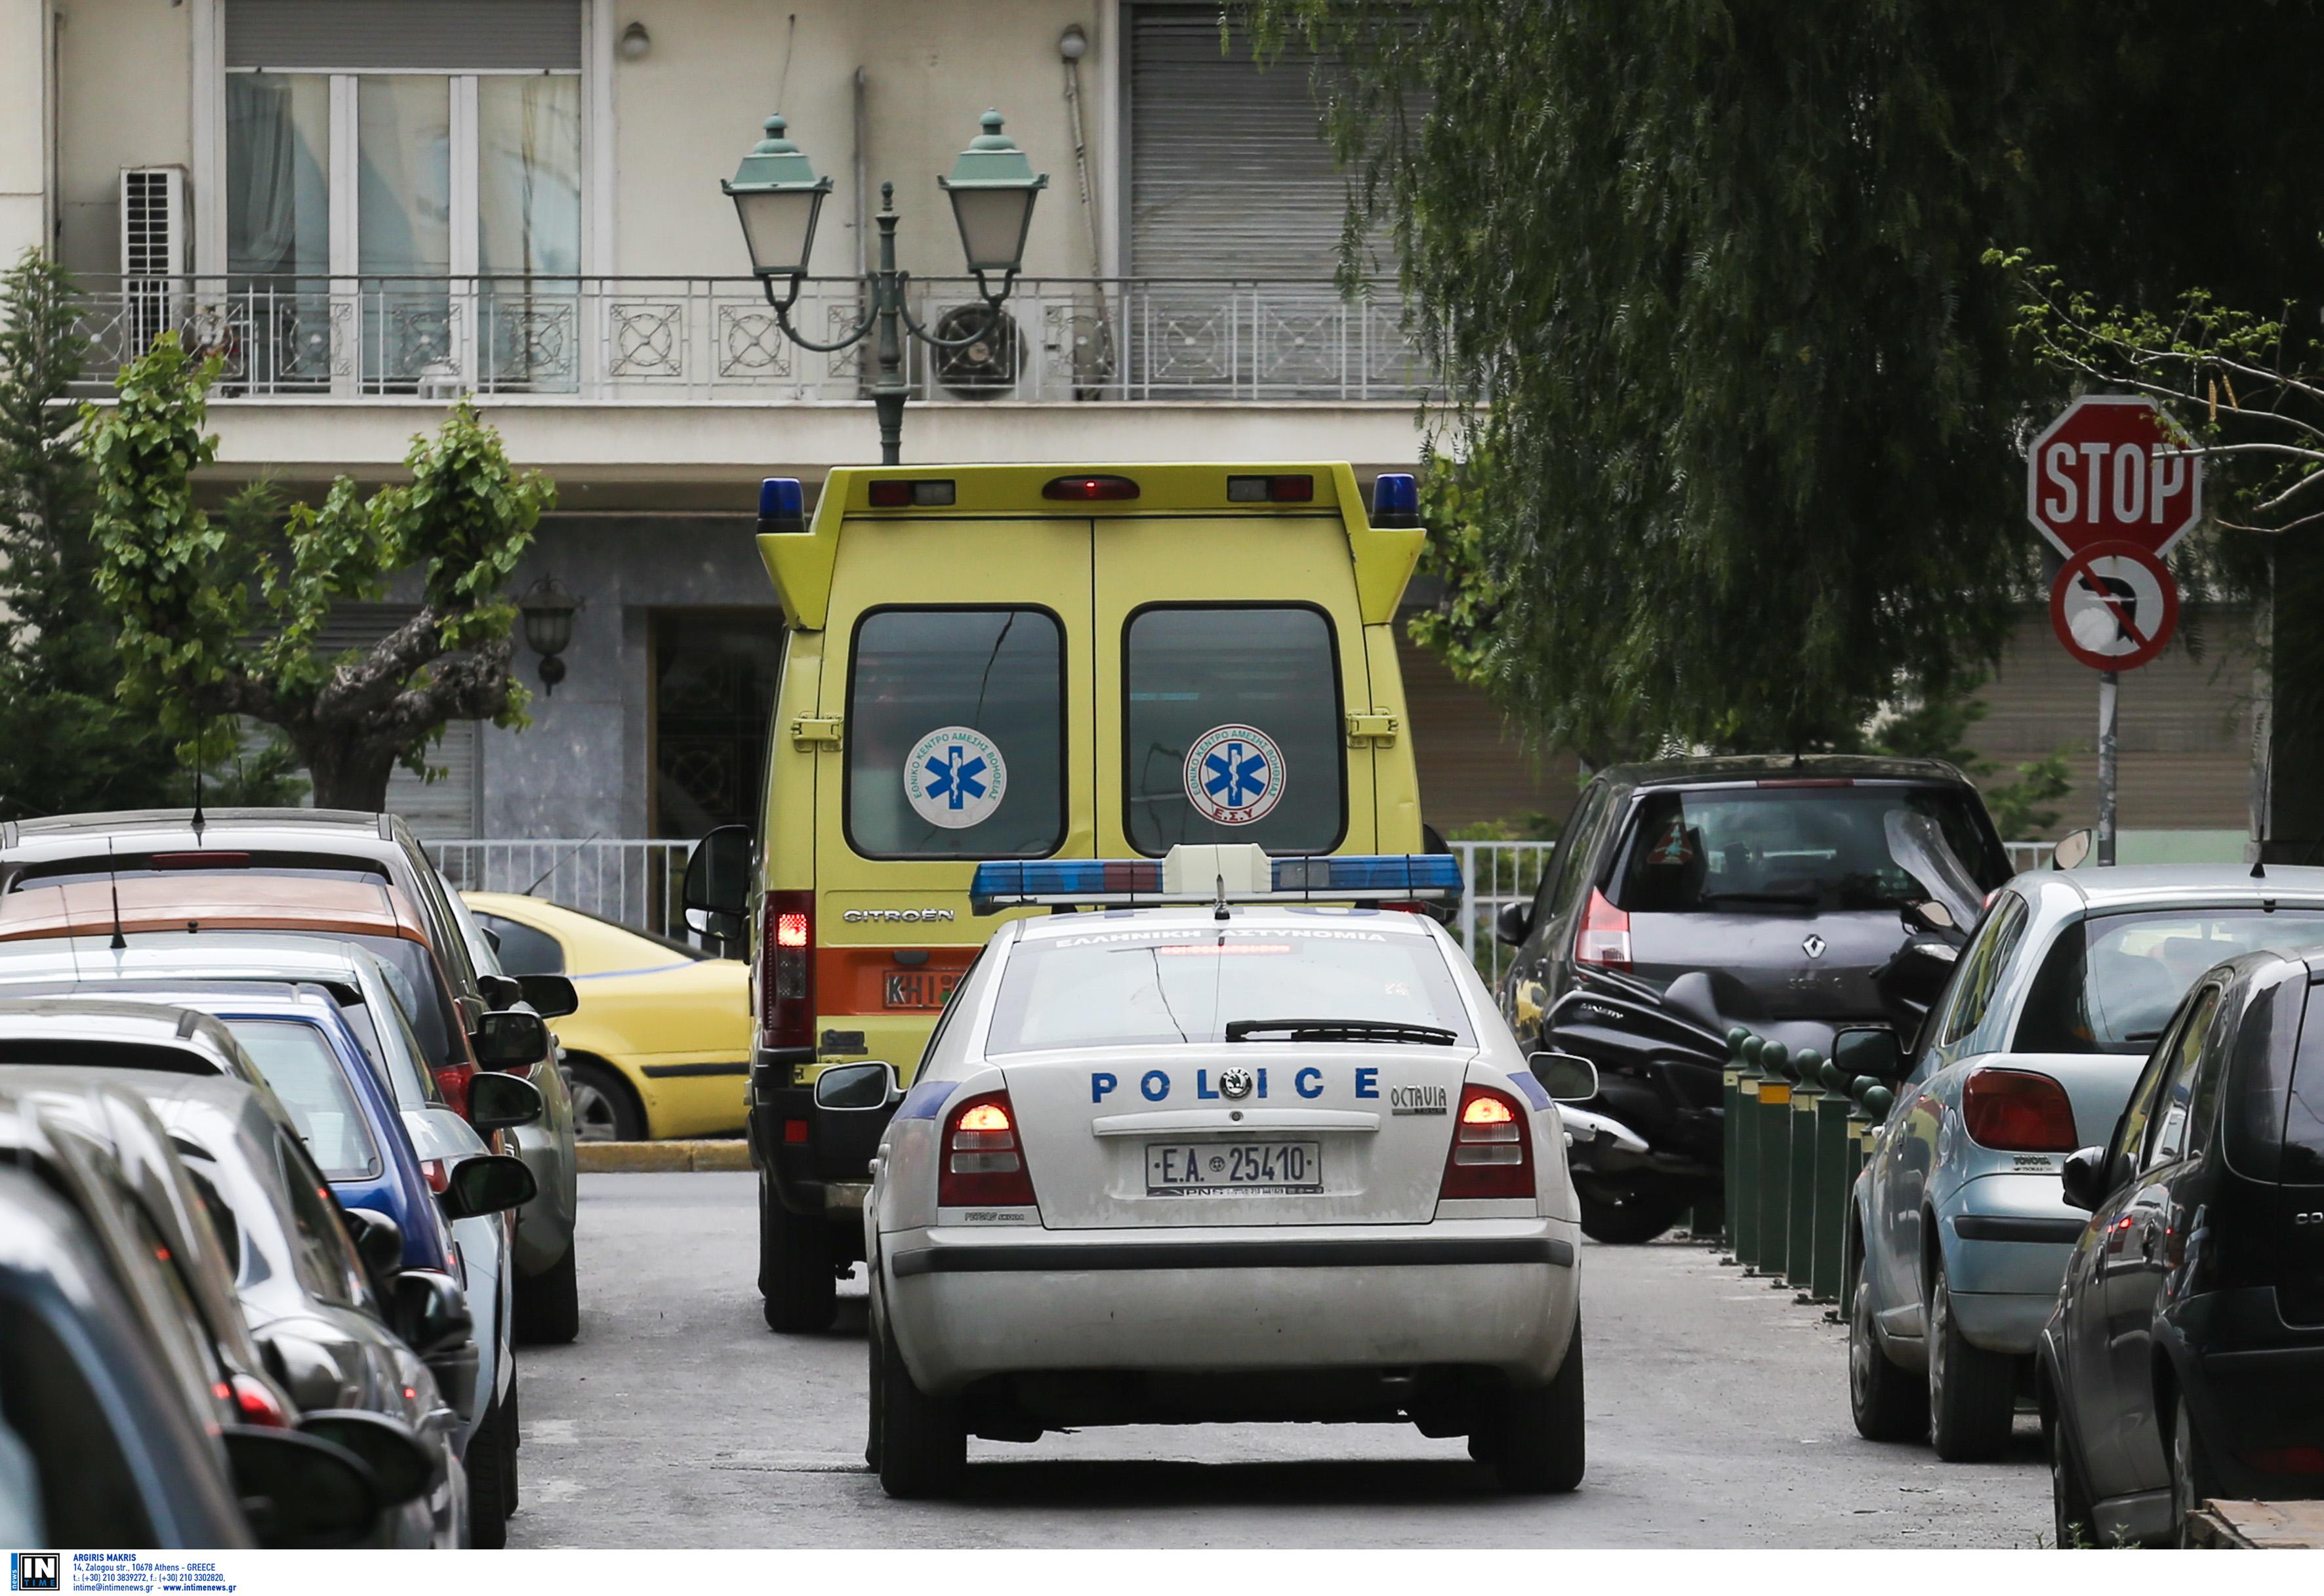 Σαλαμίνα: Έπεσε με το αυτοκίνητο στη θάλασσα και σκοτώθηκε